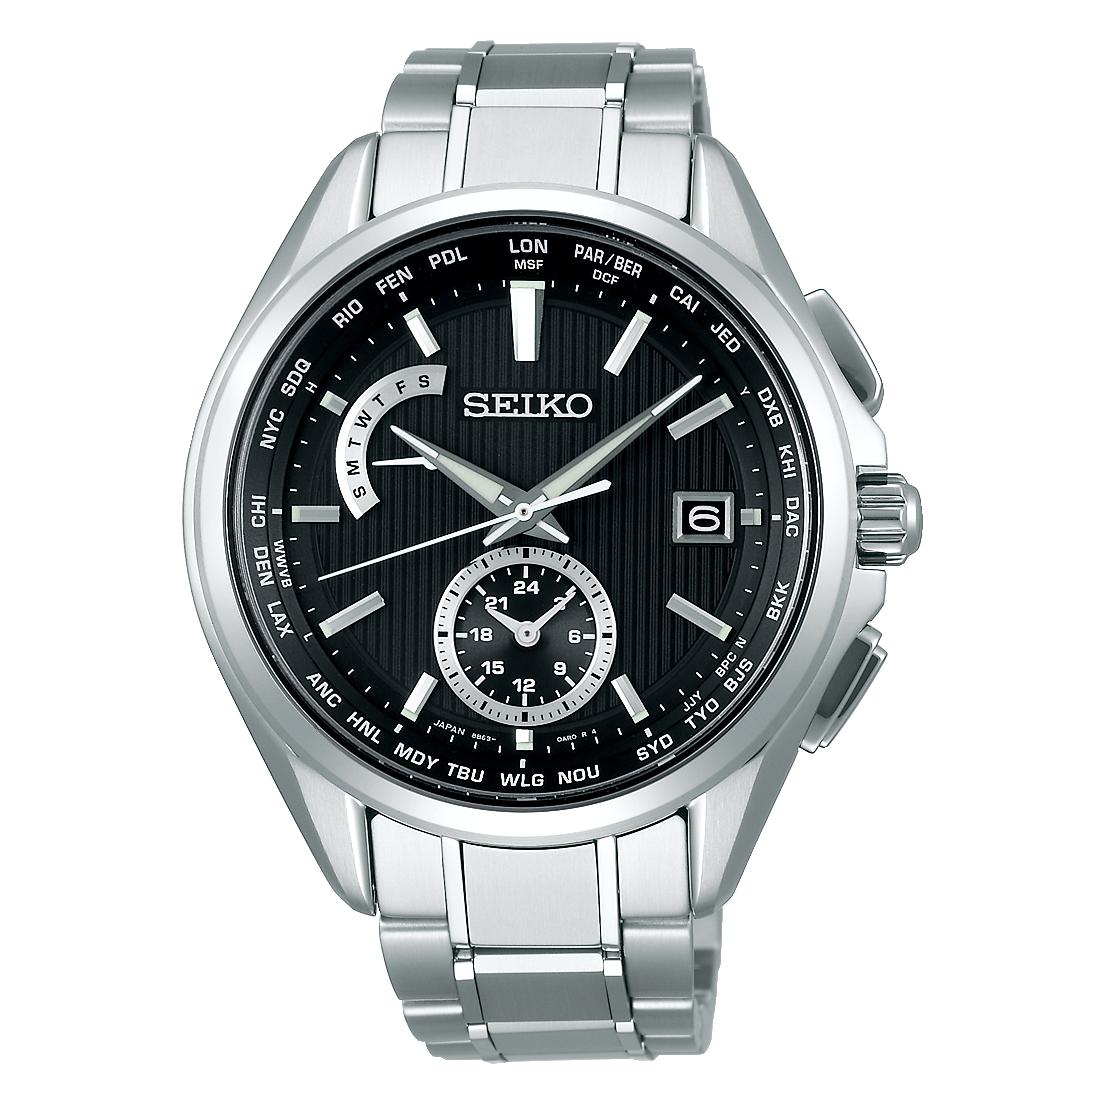 Seiko SAGA287